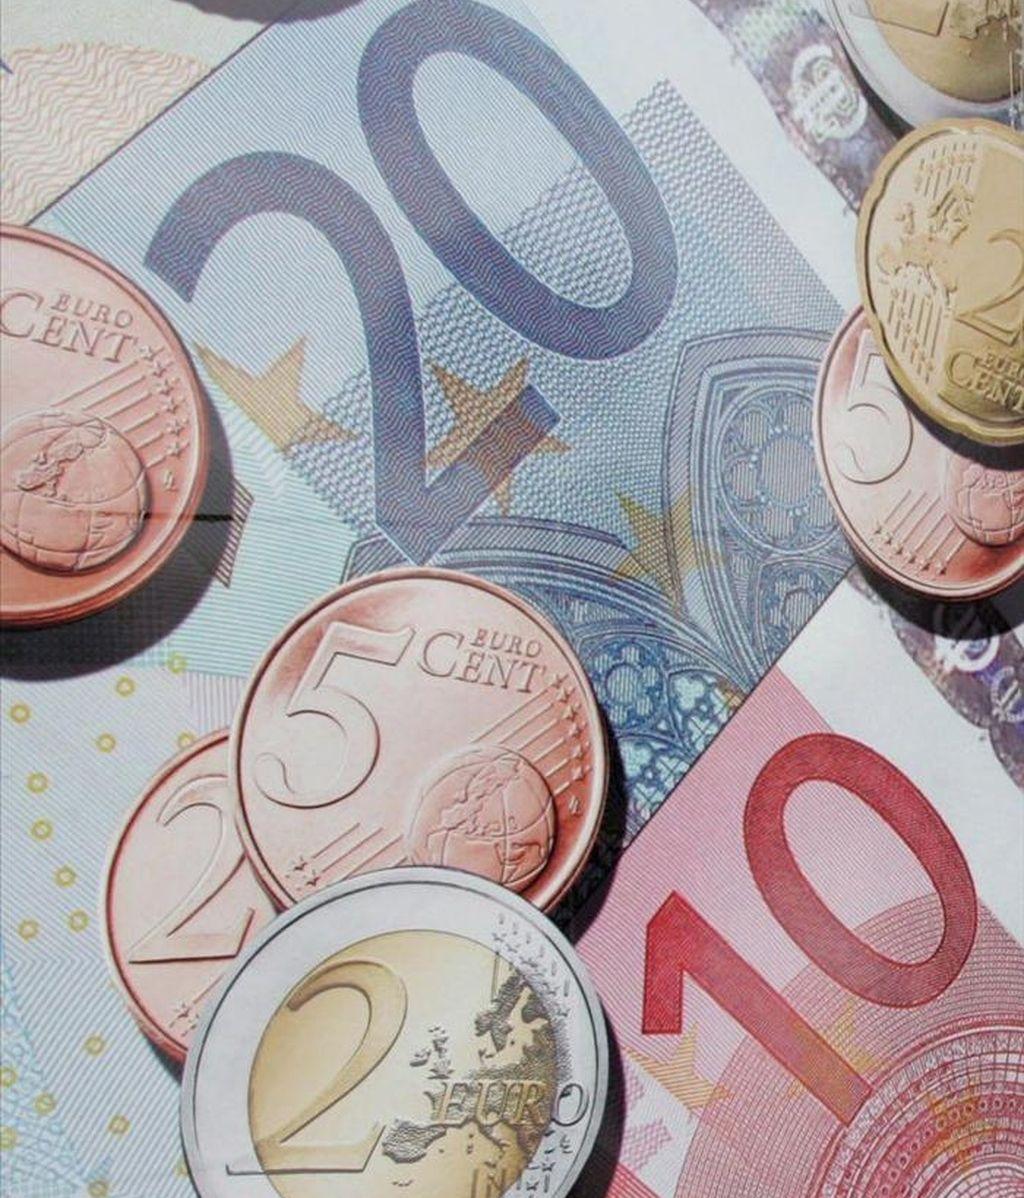 La Generalitat ultima una emisión de 2.700 millones de euros en bonos para inversores minoristas, que serán a uno y dos años, con un tipo de interés de entre el 4,25 y 4,75 por ciento, según ha anunciado el Departamento de Economía. EFE7Archivo